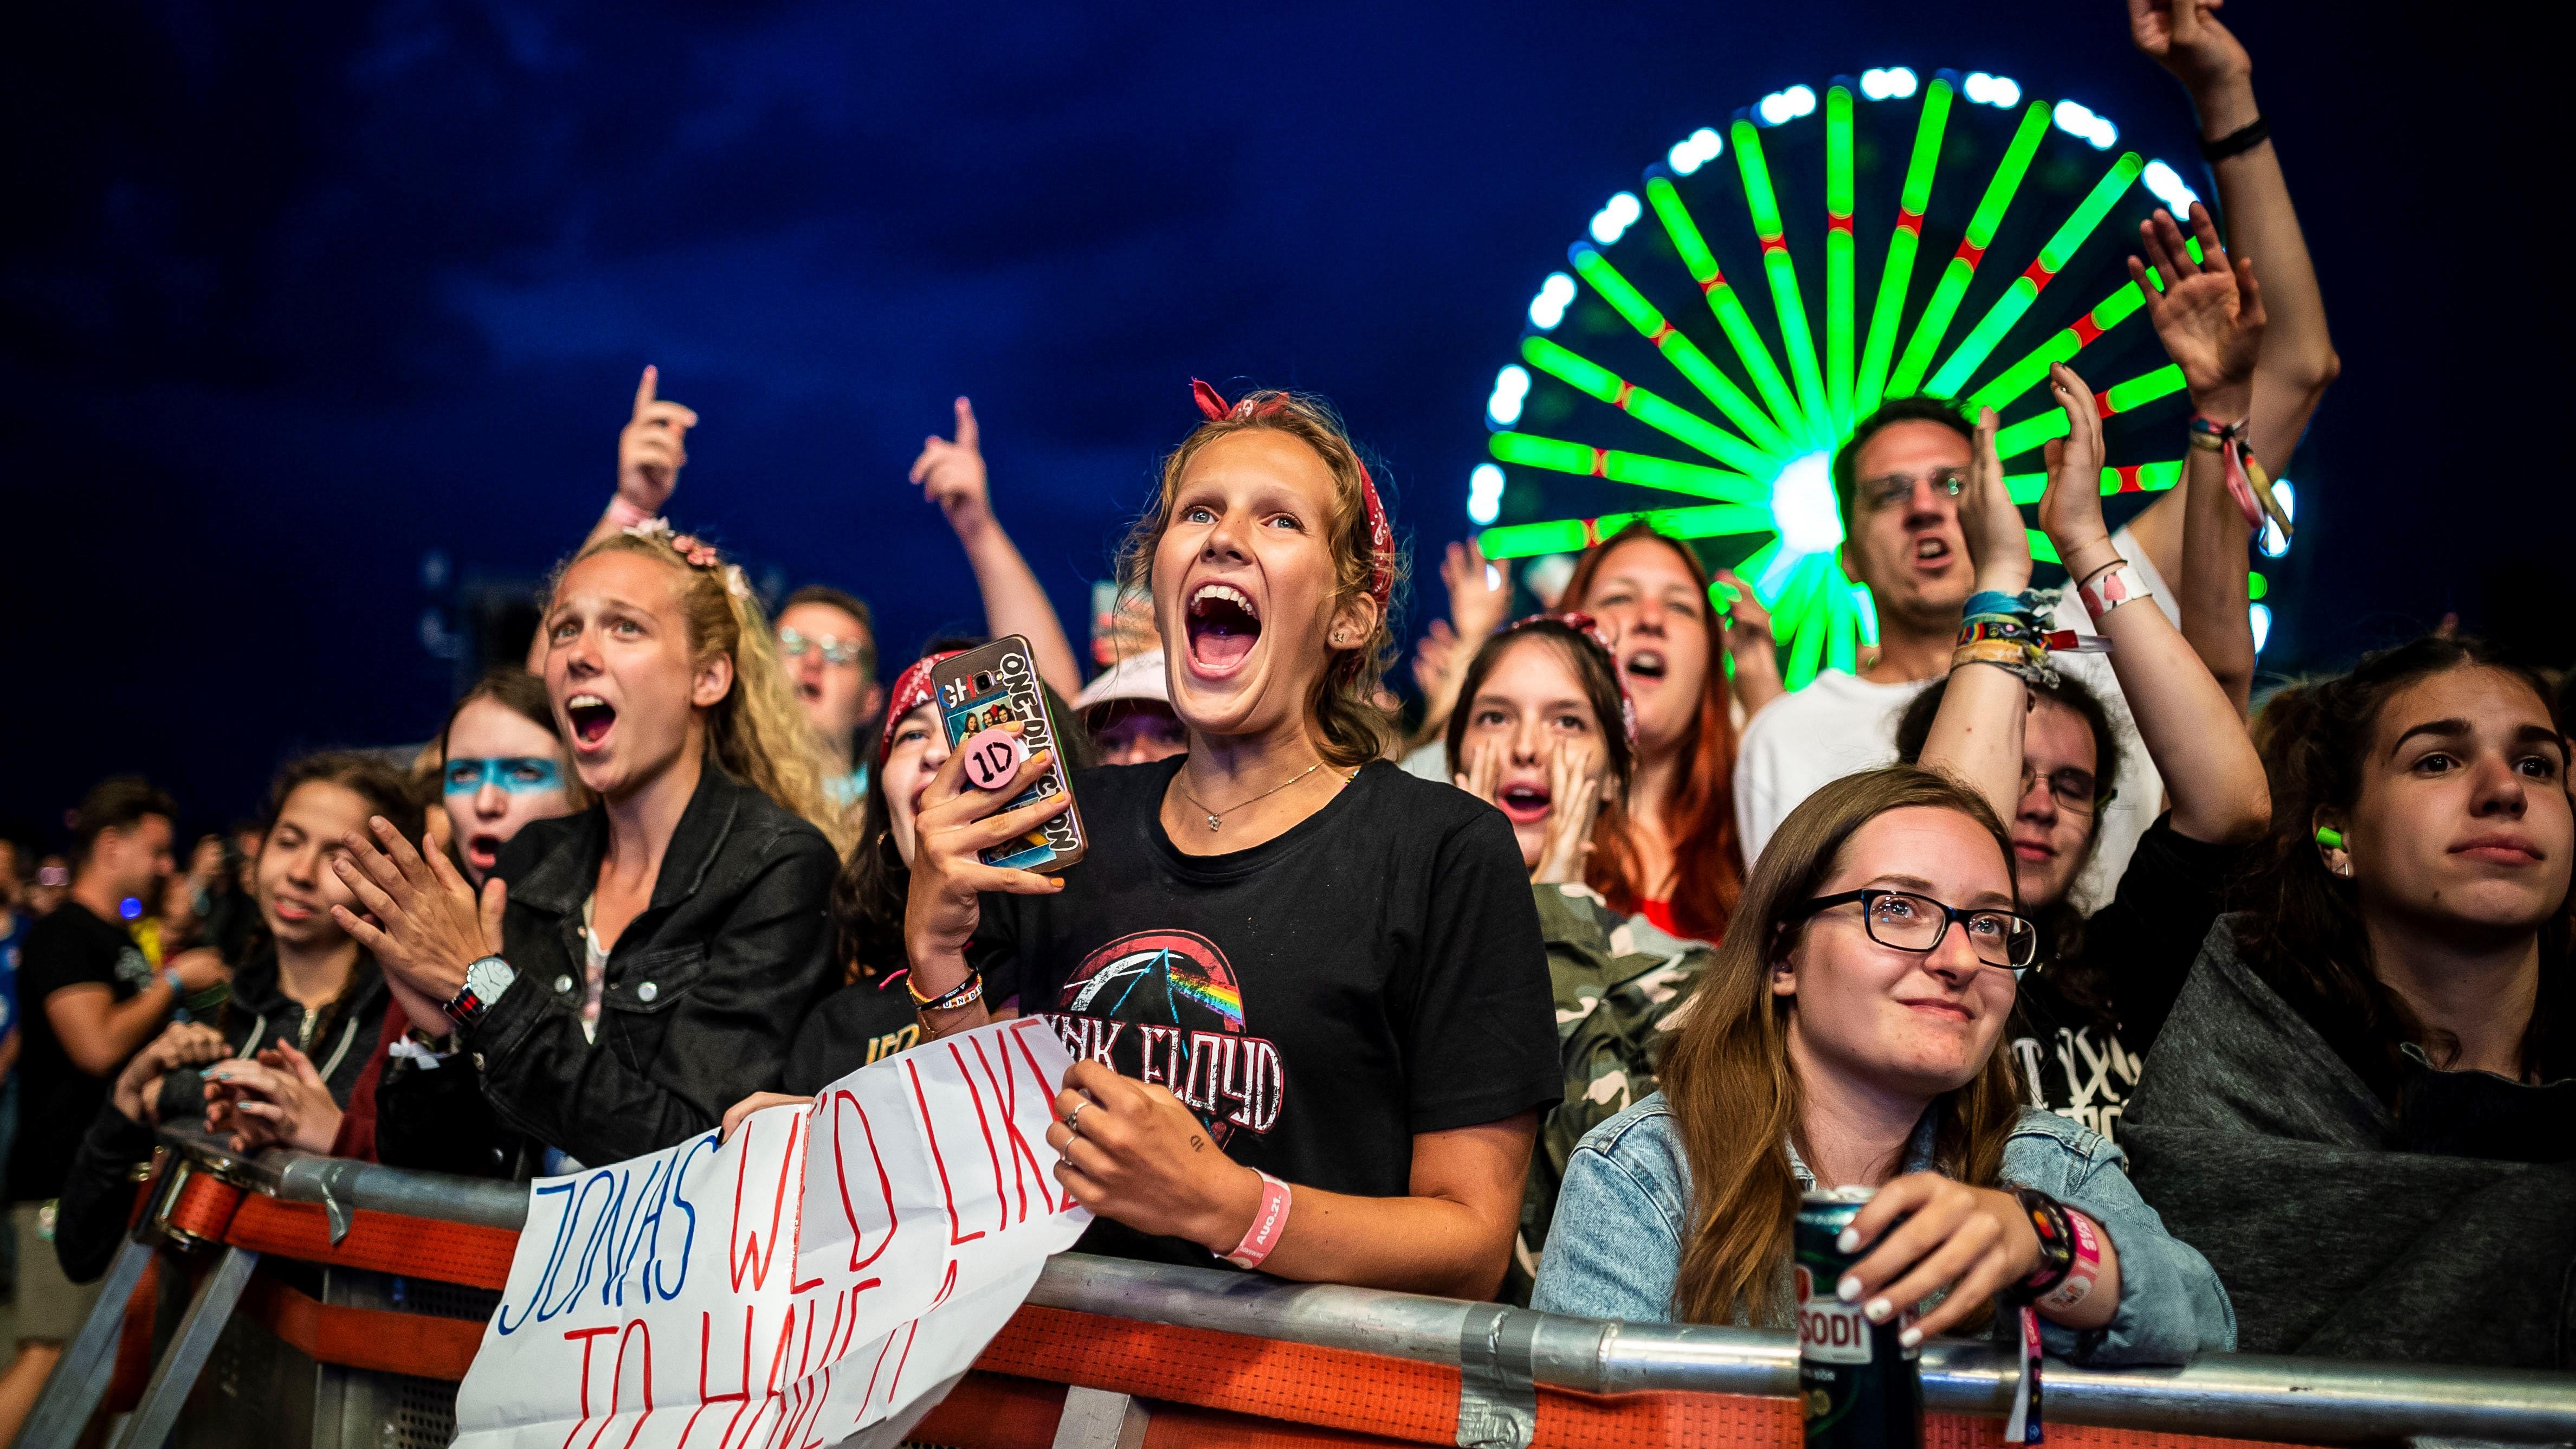 Zamárdi, 2019. augusztus 21.Közönség Jonas Blue (Guy James Robin) brit dj koncertjén a zamárdi Strand Fesztiválon 2019. augusztus 21-én.MTI/Bodnár Boglárka